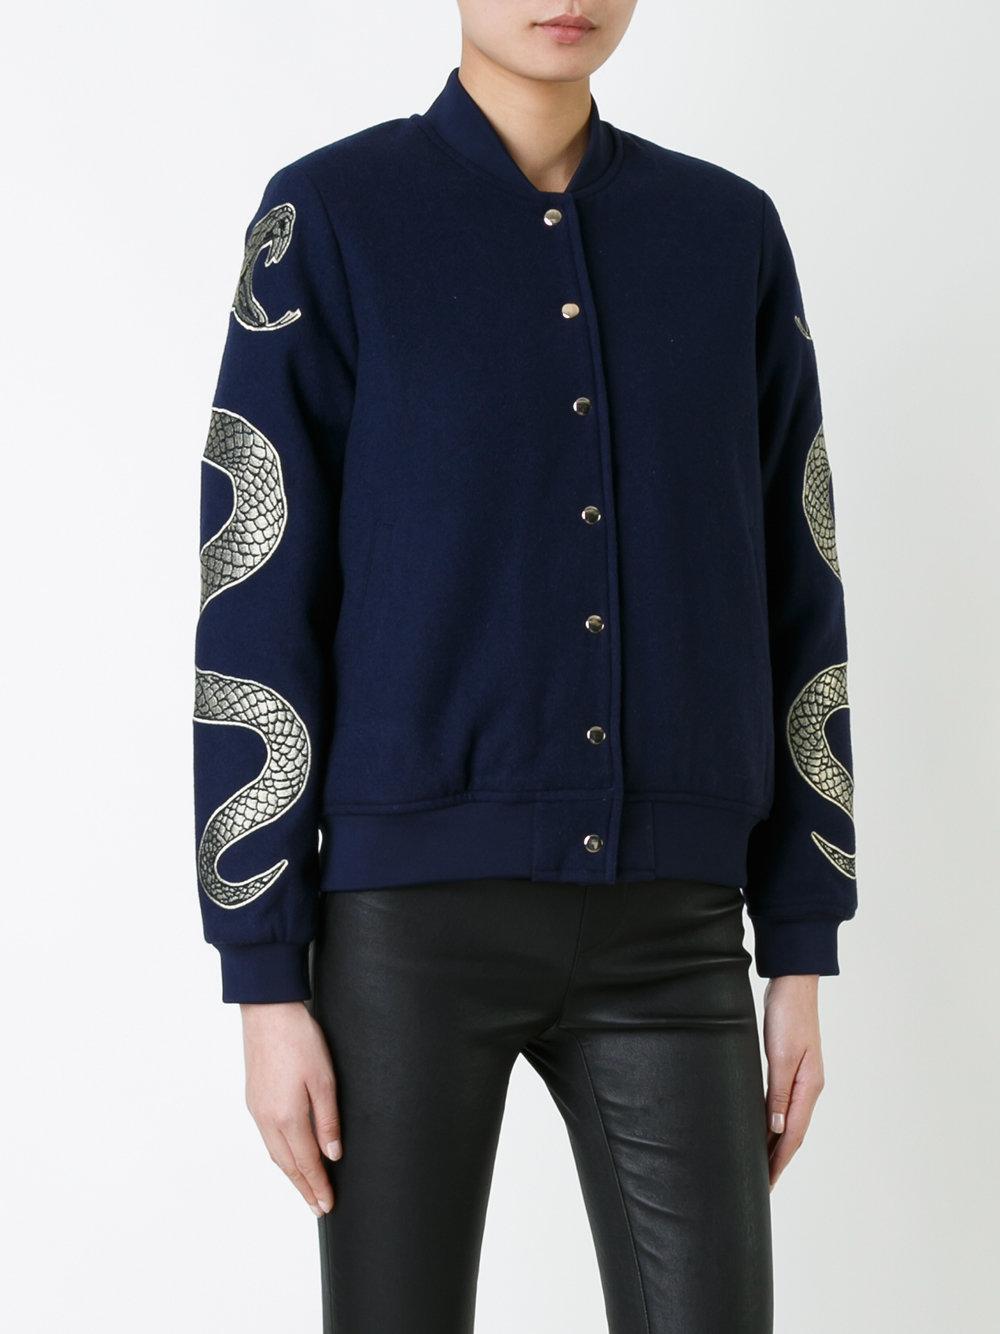 zoe karssen snakes bomber jacket in blue lyst. Black Bedroom Furniture Sets. Home Design Ideas